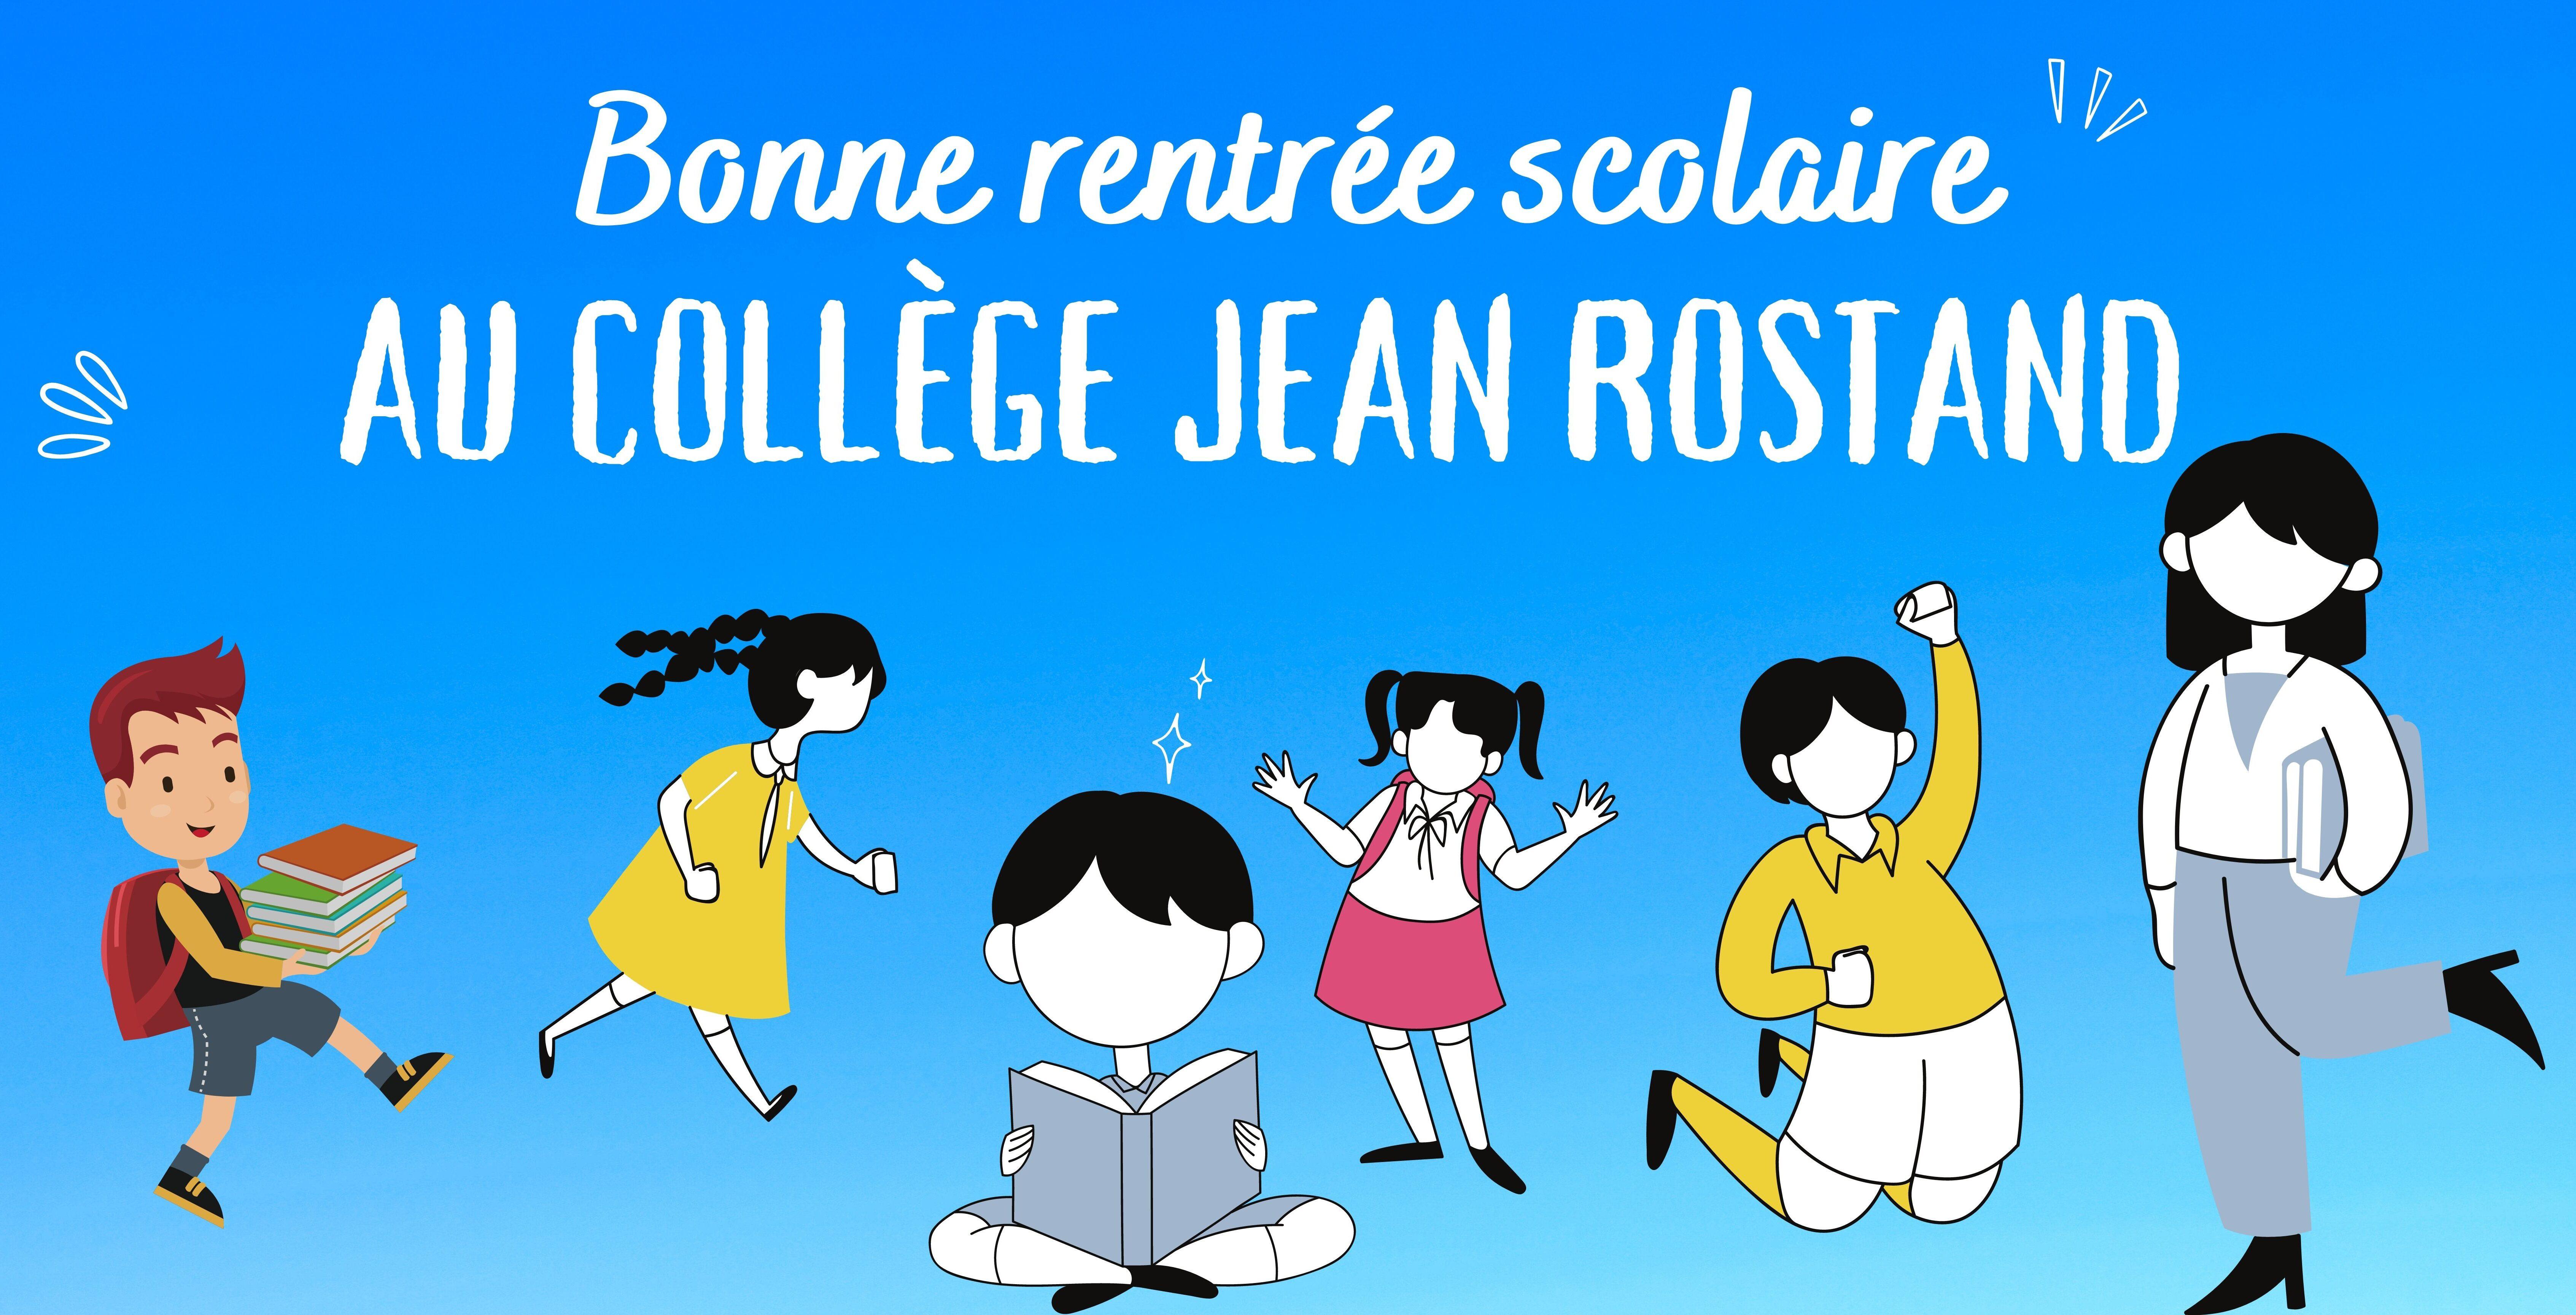 Bonne rentrée scolaire - Bannière.jpg